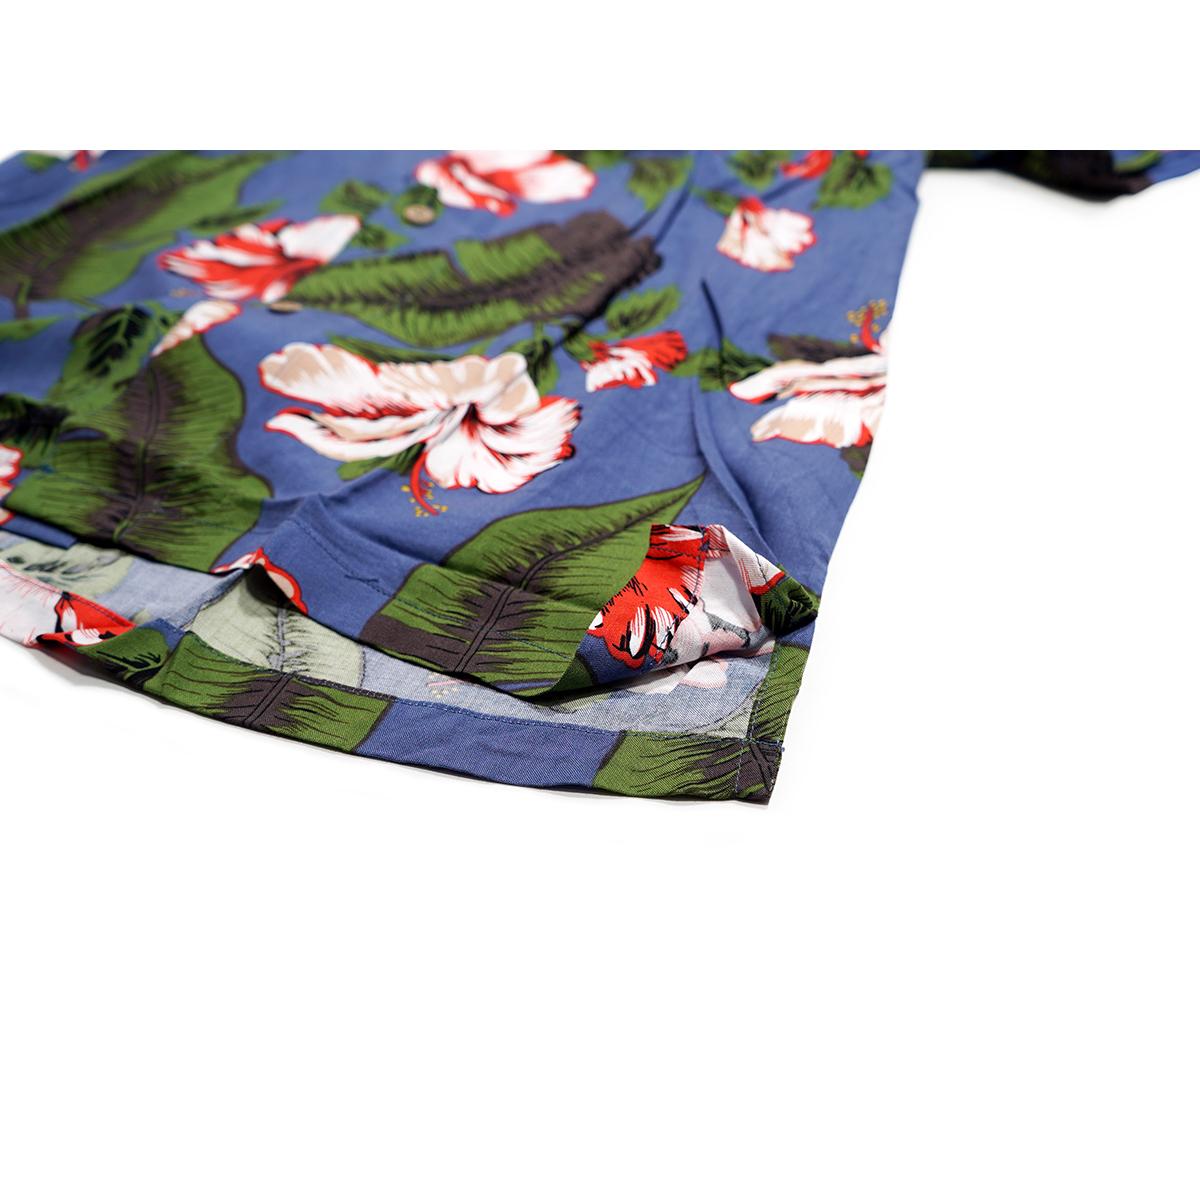 【新品】 アロハシャツ レーヨン フラワー柄■ 4Lサイズ(3XL) / グリーン緑42 ■大きいサイズ ボタニカル 花 オープンカラー b008_画像7